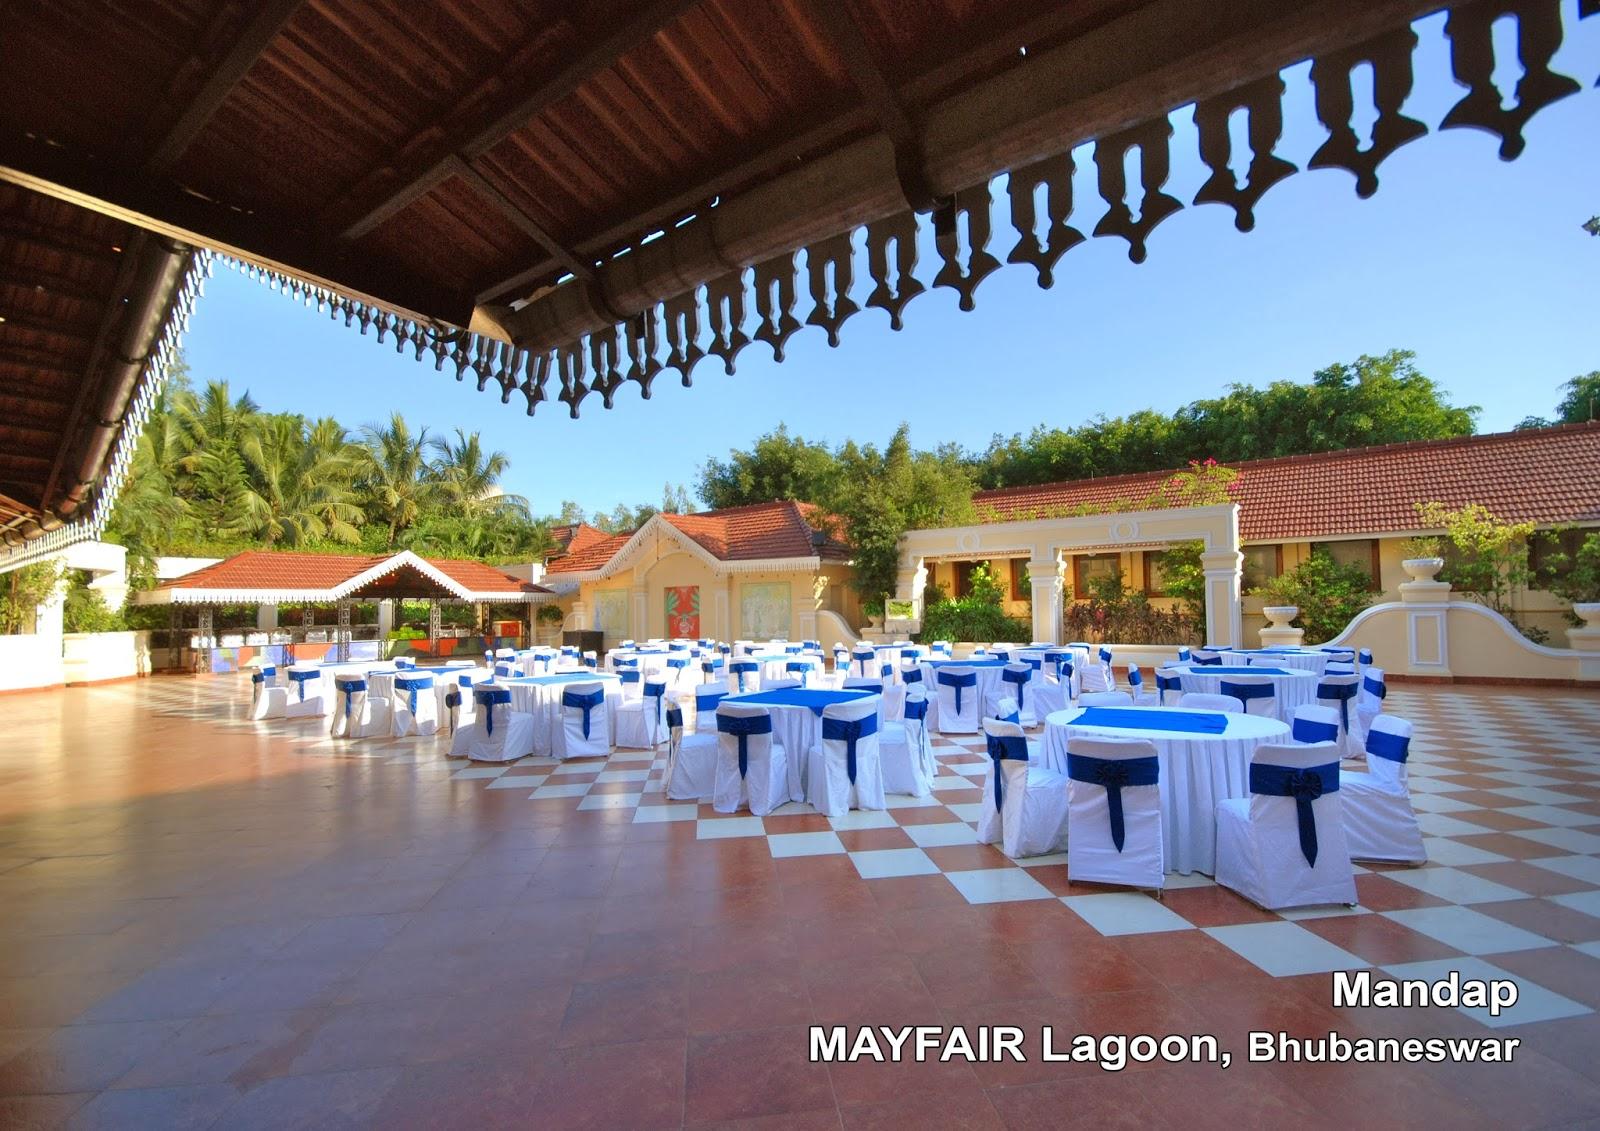 Beautiful Decorated Indoor And Outdoor Bhubaneswar Wedding Venues At Mayfair Lagoon